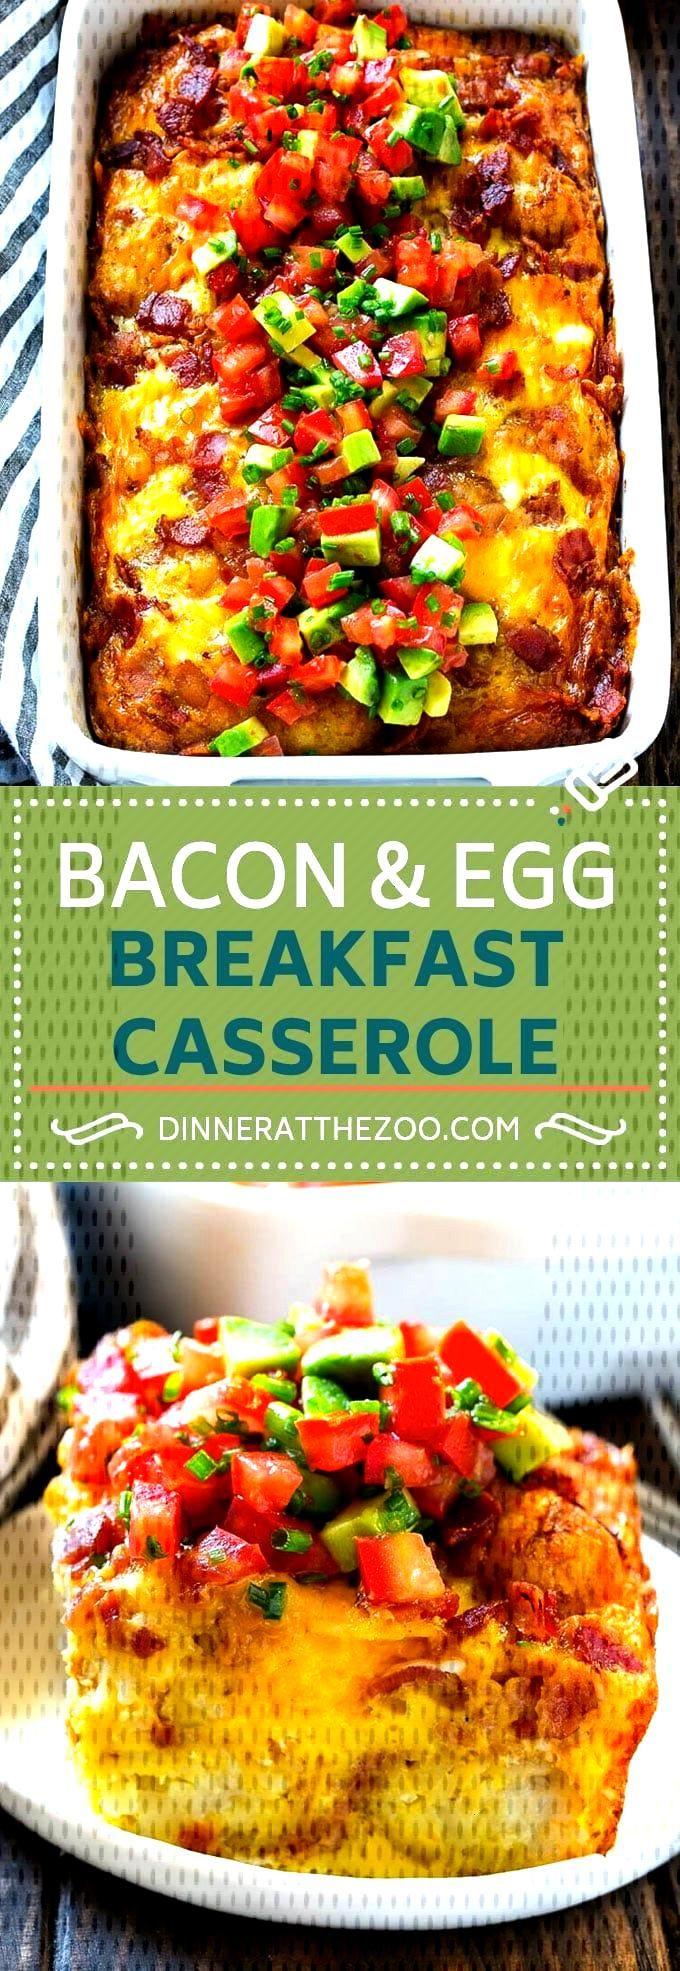 Breakfast Casserole with Bacon Recipe   Breakfast Casserole Recipe   Bacon and Egg Casserole   Egg